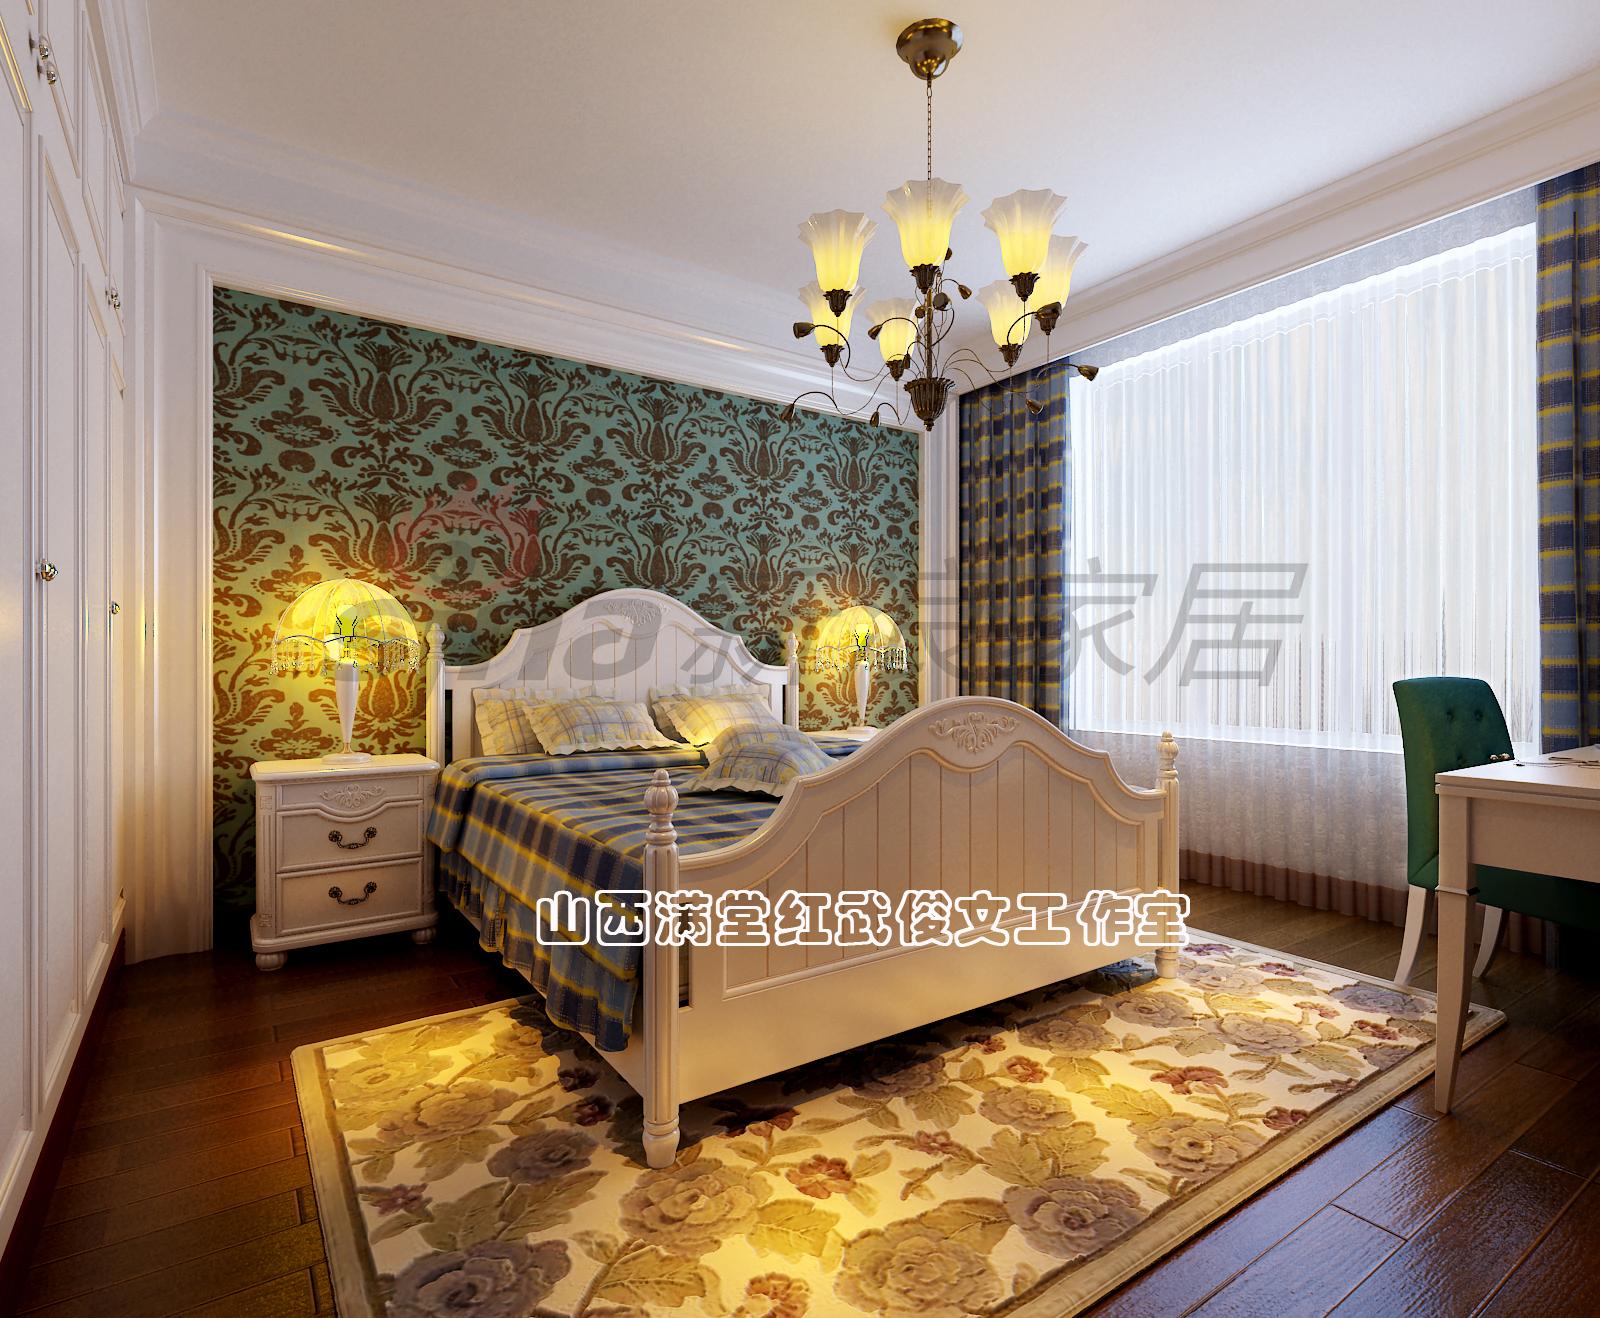 简约 欧式 卧室图片来自满堂红设计师武俊文在长治别墅的分享